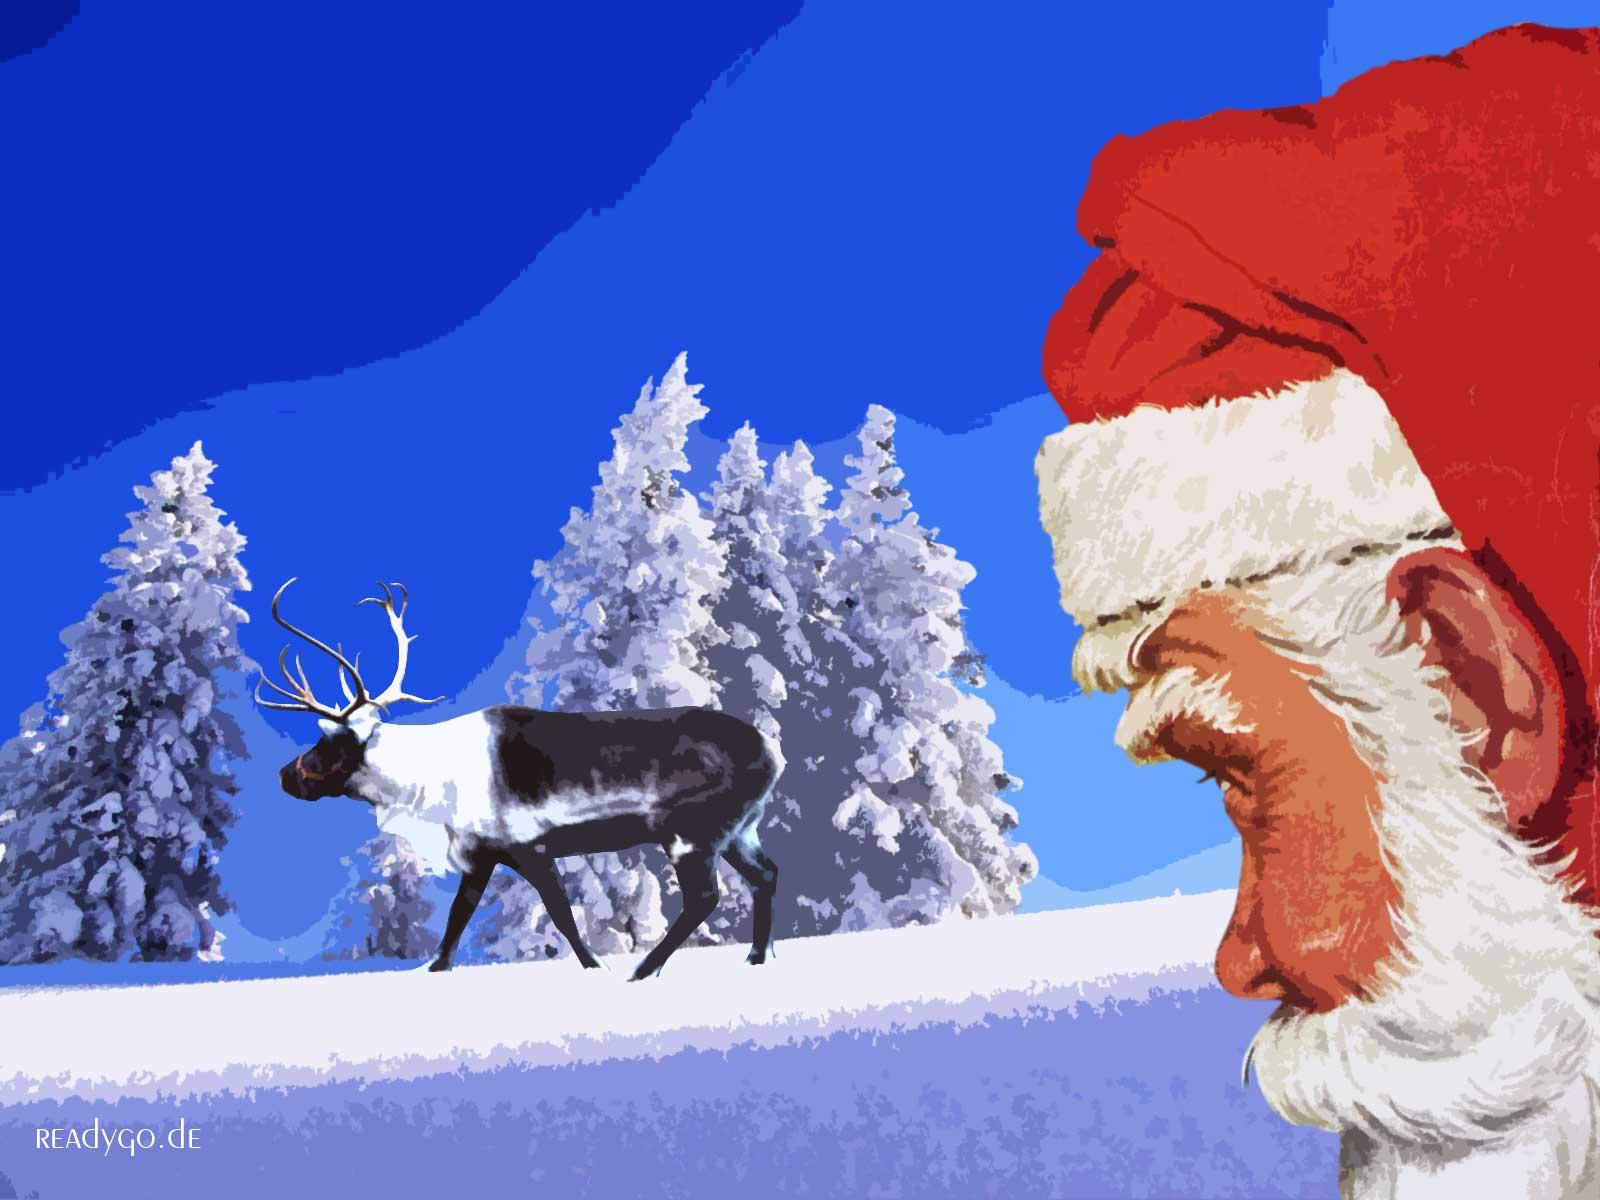 Weihnachtsmotiv Nr. 11